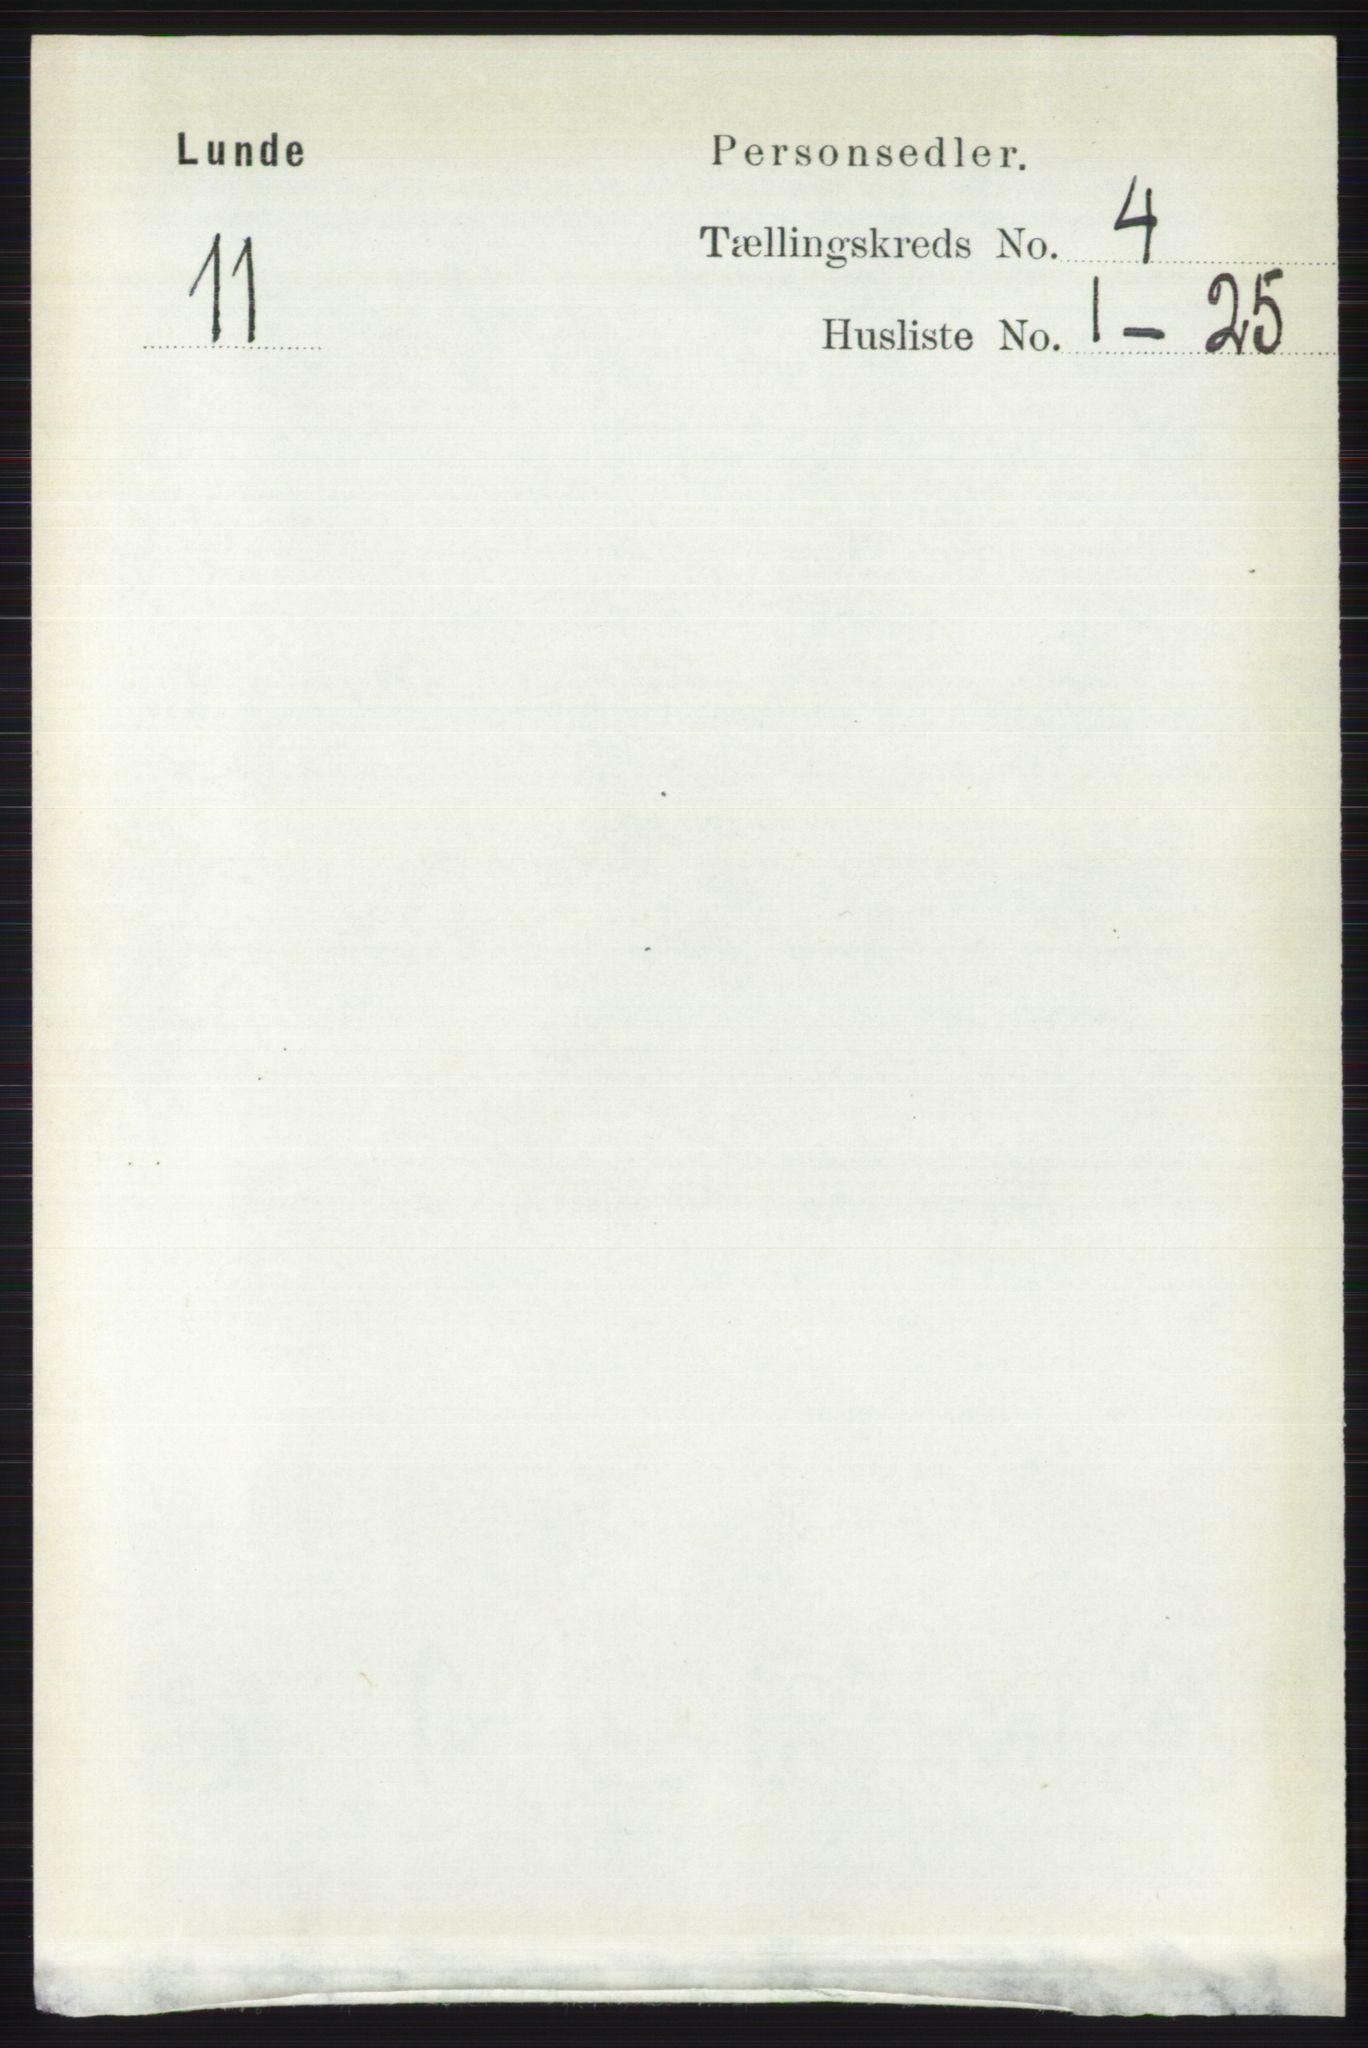 RA, Folketelling 1891 for 0820 Lunde herred, 1891, s. 1148